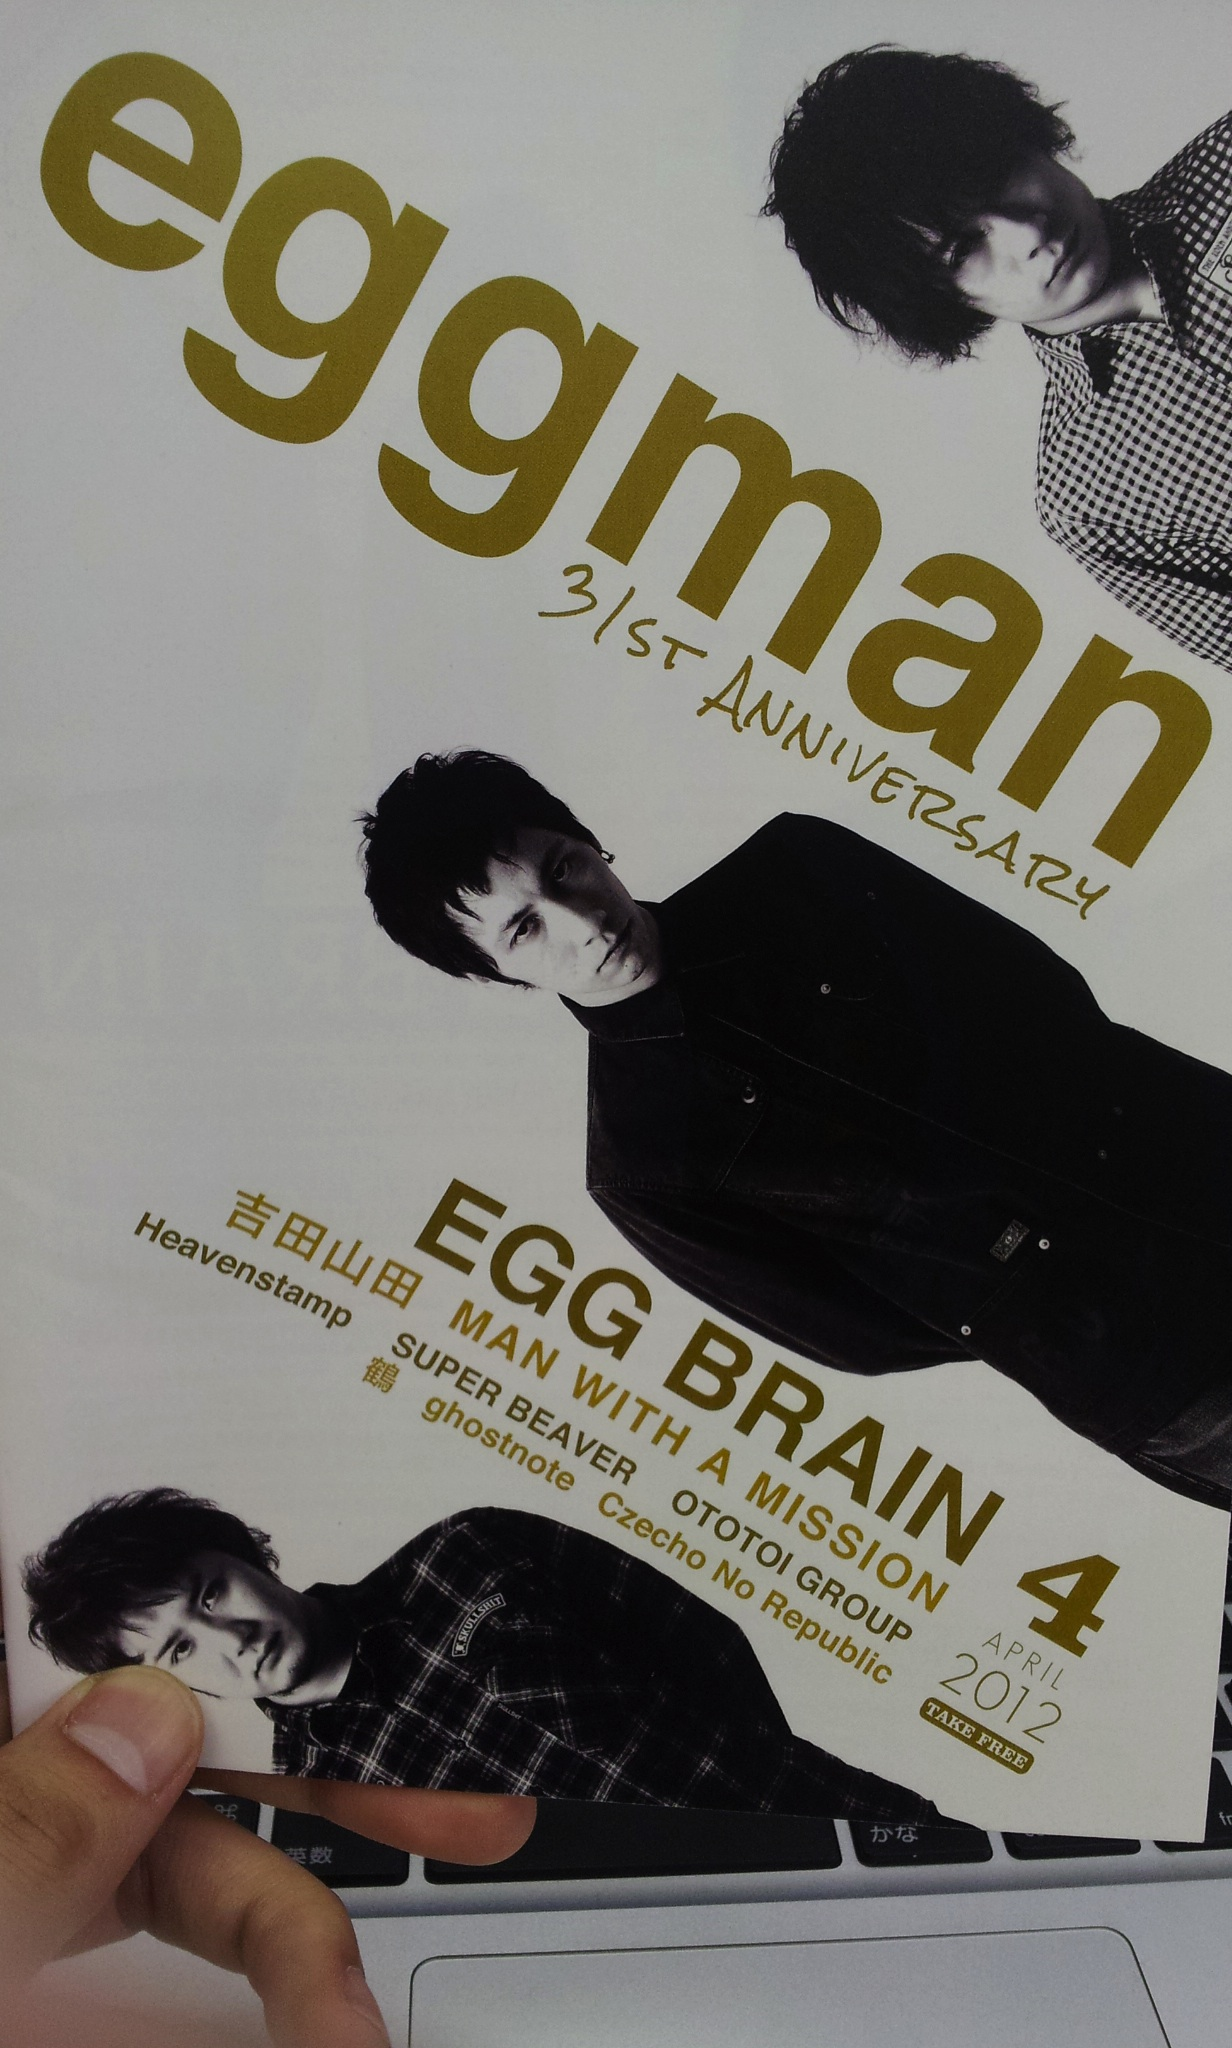 2012-03-29 16.14.44.jpg